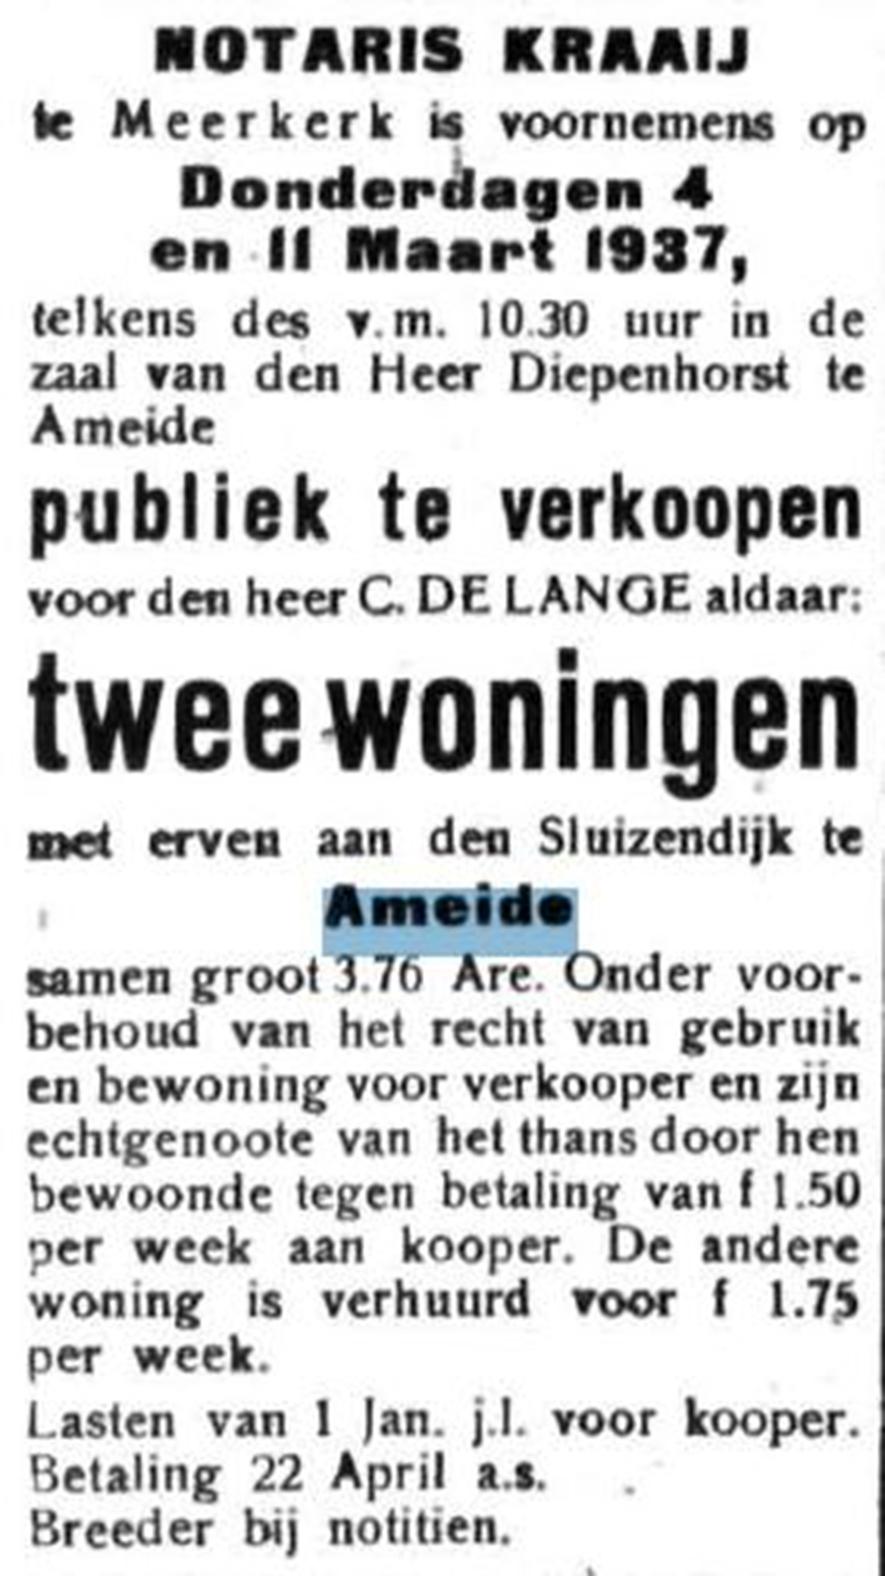 Schoonhovensche Courant 07774 1937-02-19 artikel 02